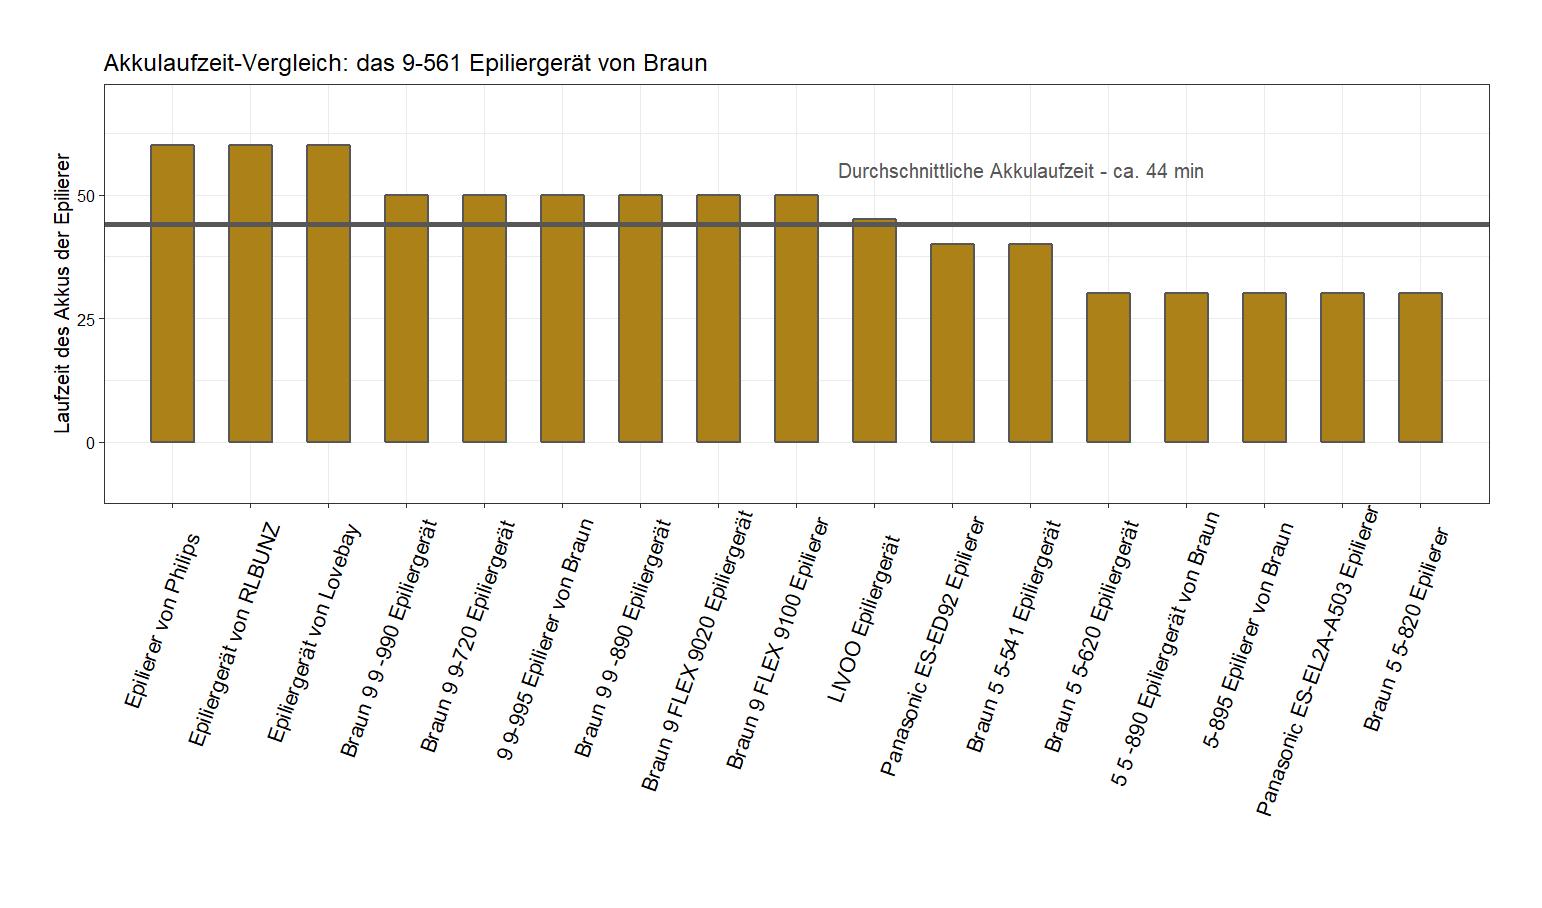 Akkulaufzeit-Vergleich von dem Braun Epilierer 9-561